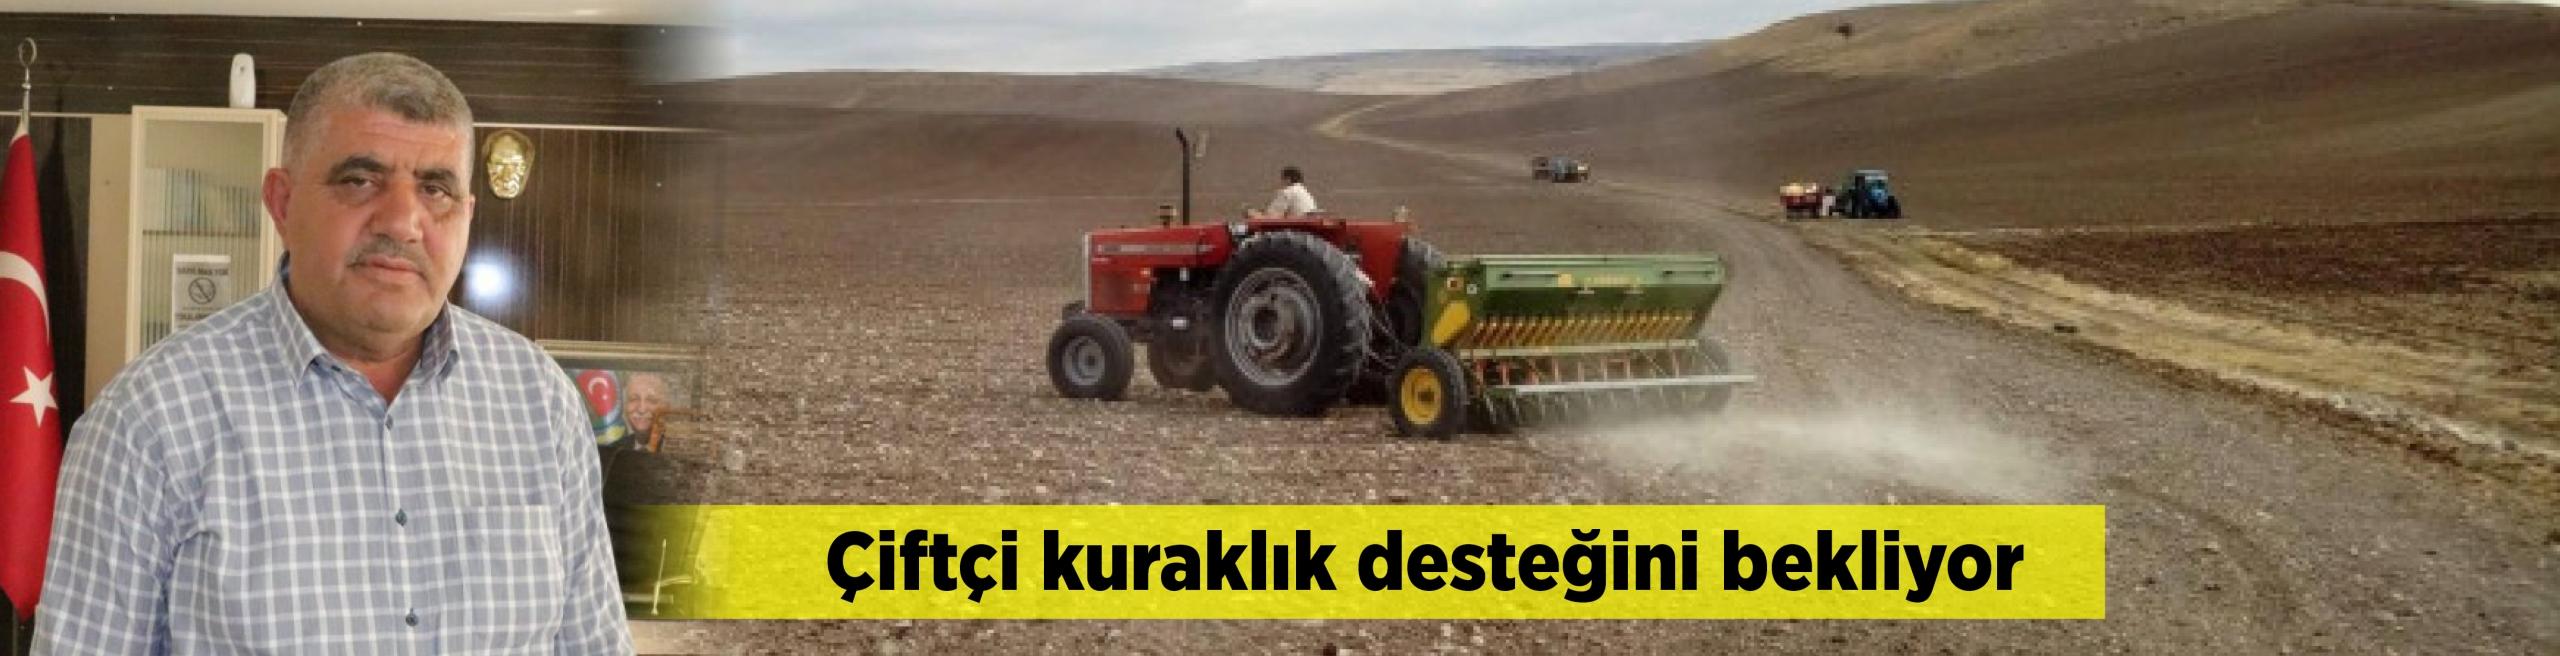 Çiftçi kuraklık desteğini bekliyor